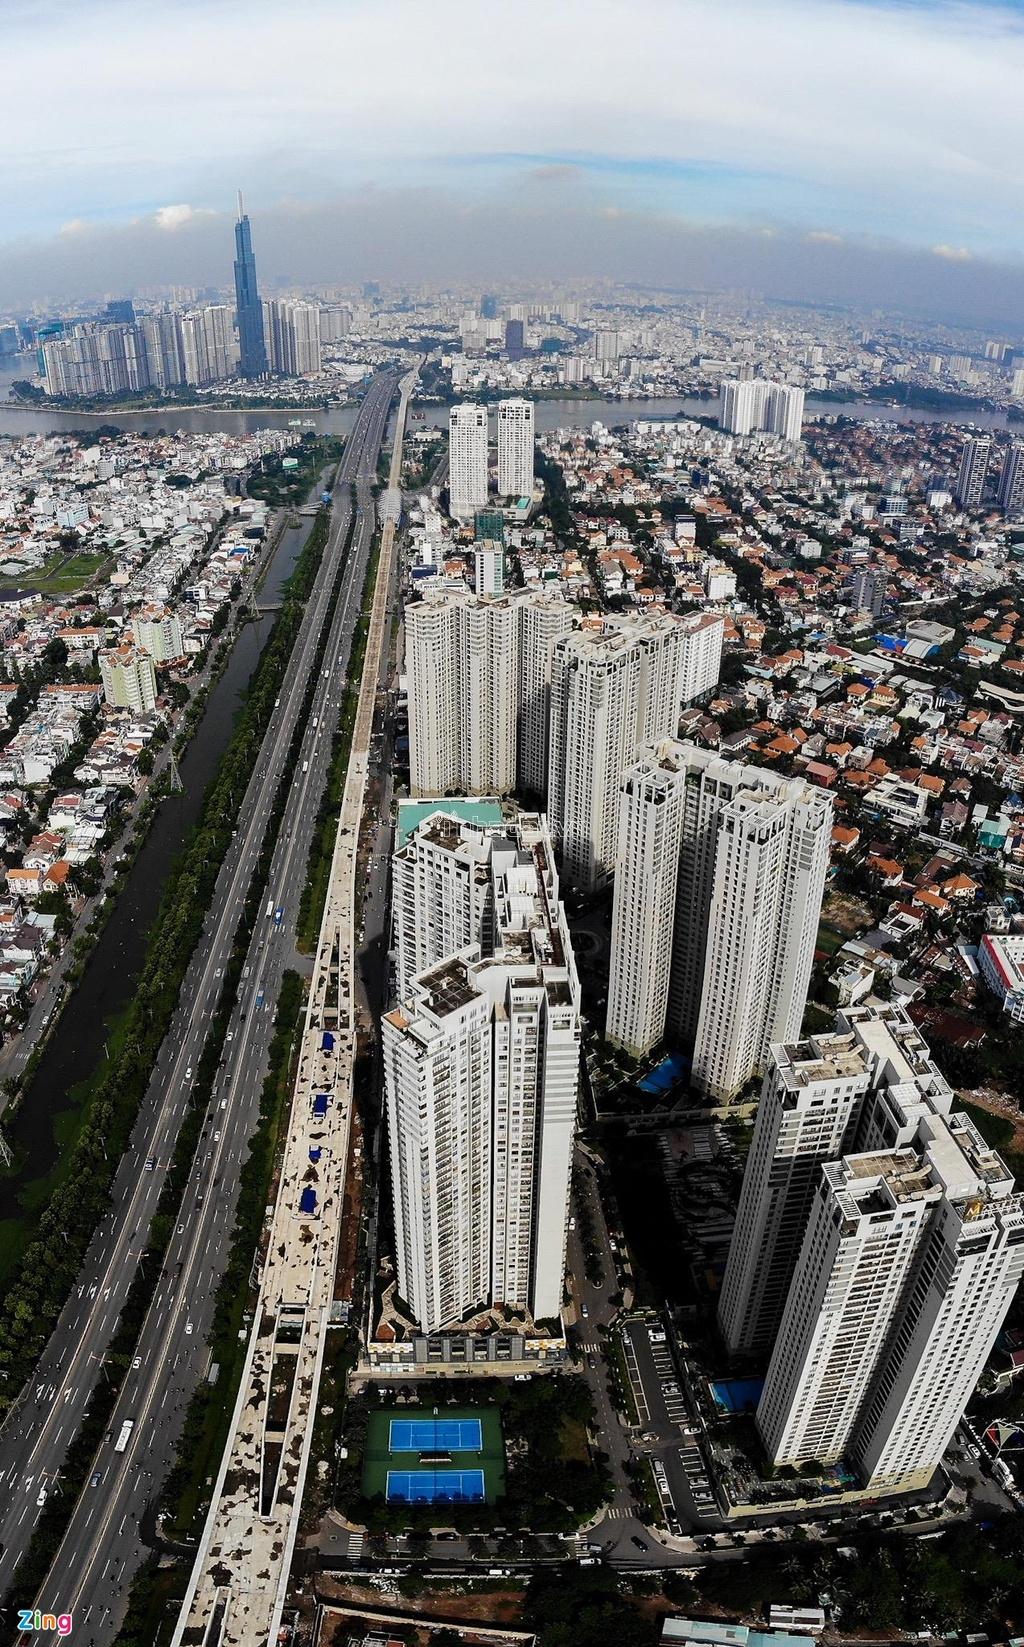 Vài năm gần đây, các chung cư cao tầng mọc lên dày đặc dọc cửa ngõ phía đông thành phố, đoạn từ cầu Sài Gòn đến ngã ba Cát Lái (quận 2).